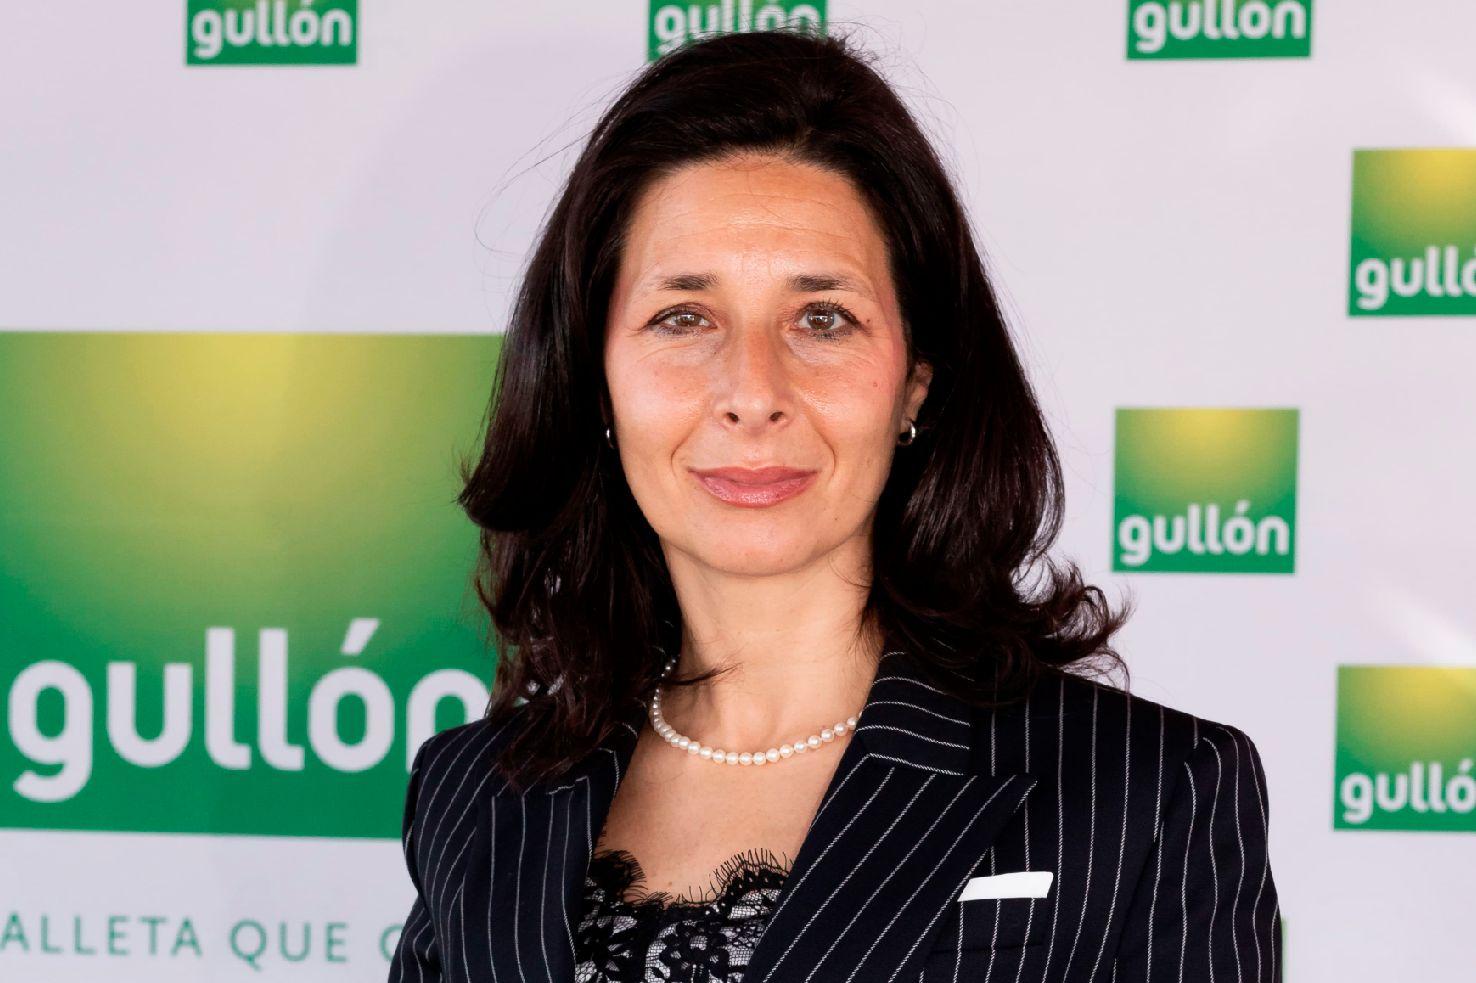 Lourdes Gullón, presidenta Galletas Gullón, agroalimentación, empresa, empleo.